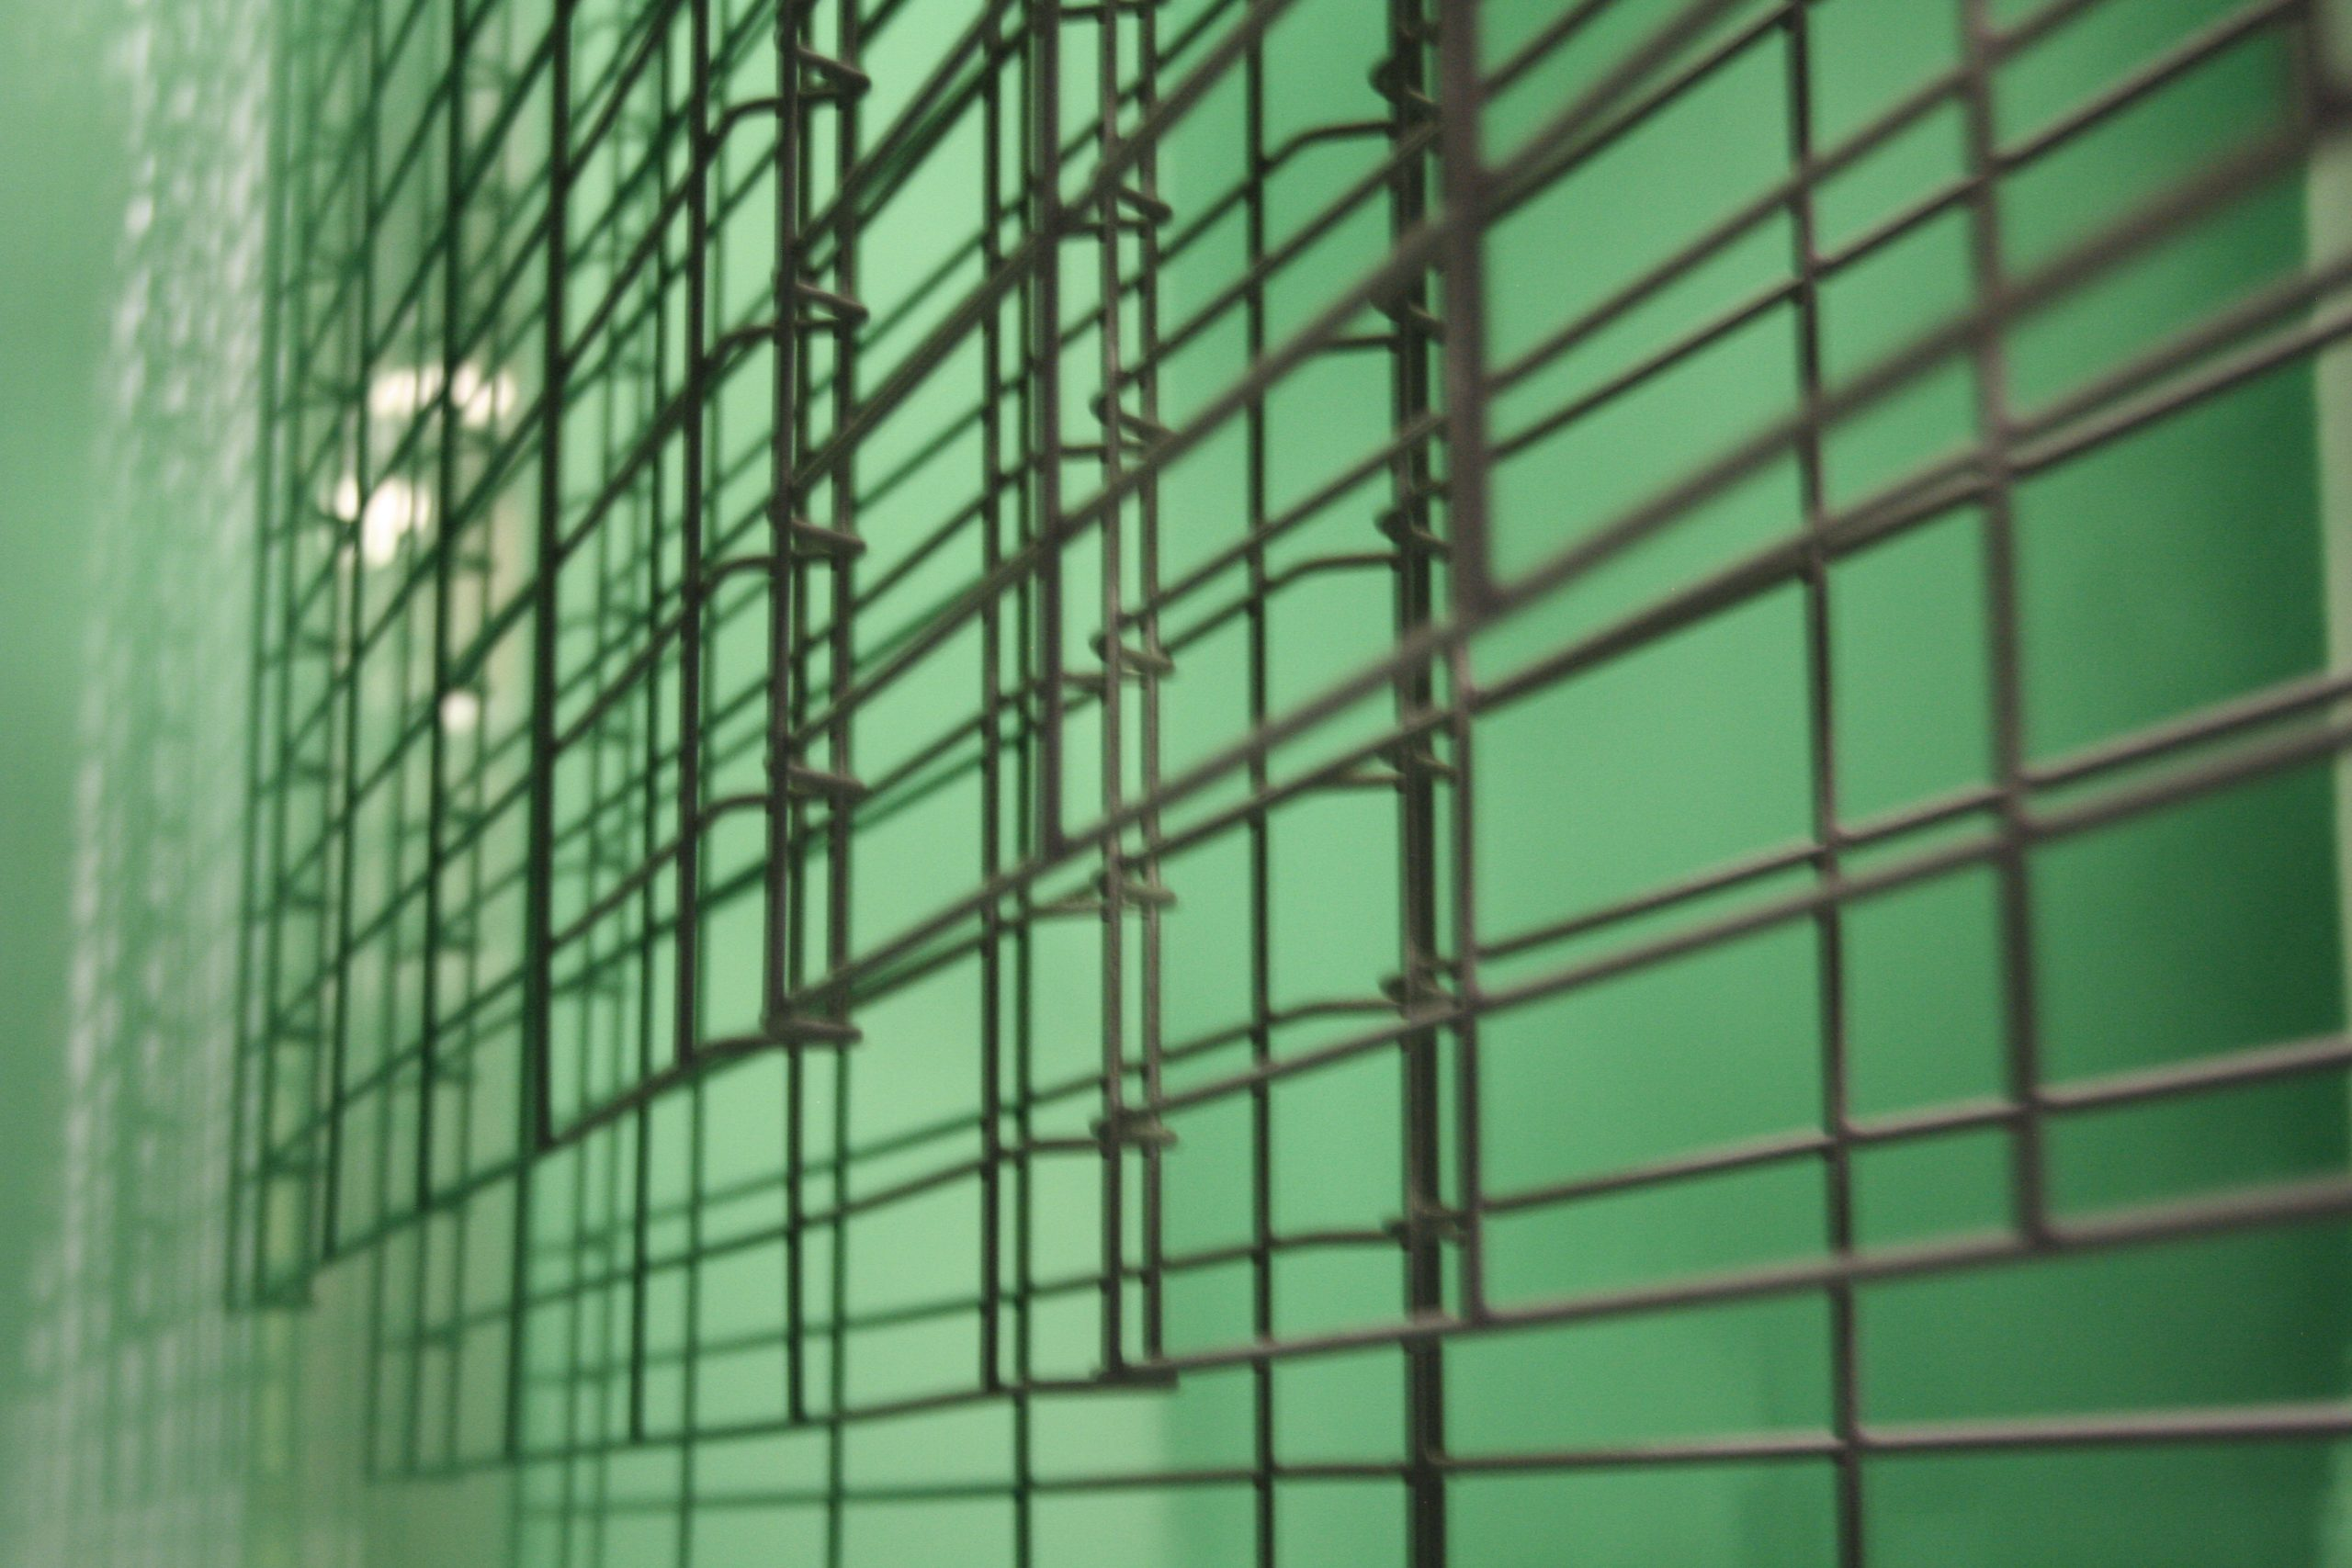 Un passo avanti nella verniciatura anticorrosiva per la protezione dei metalli.